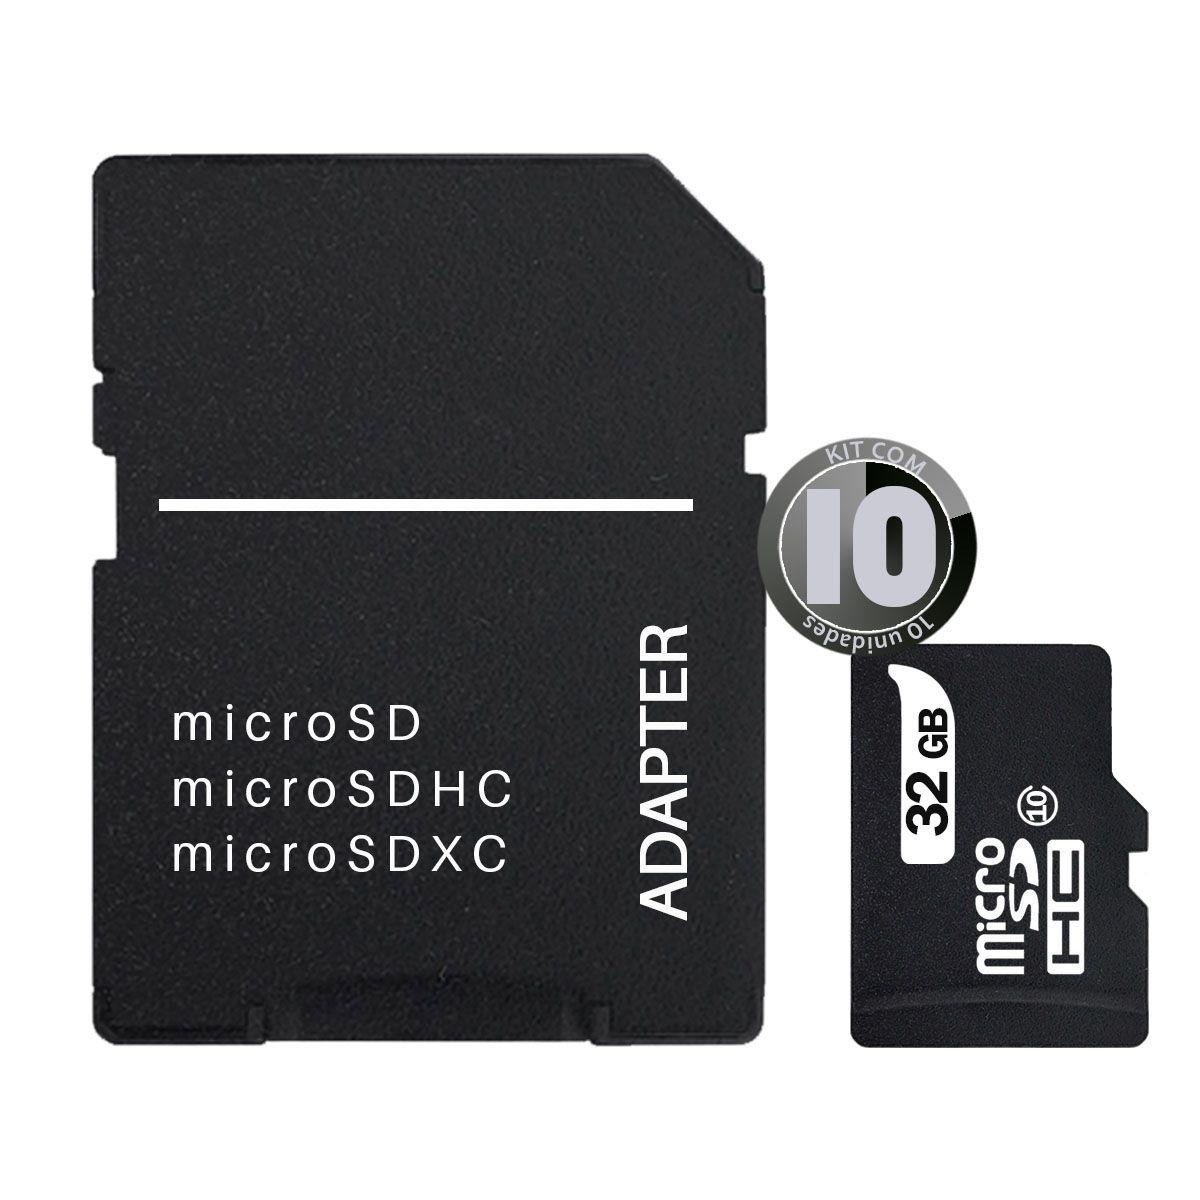 KIT 10x Cartão de Memória 32GB MicroSD Classe 10 Leboss LB-M03